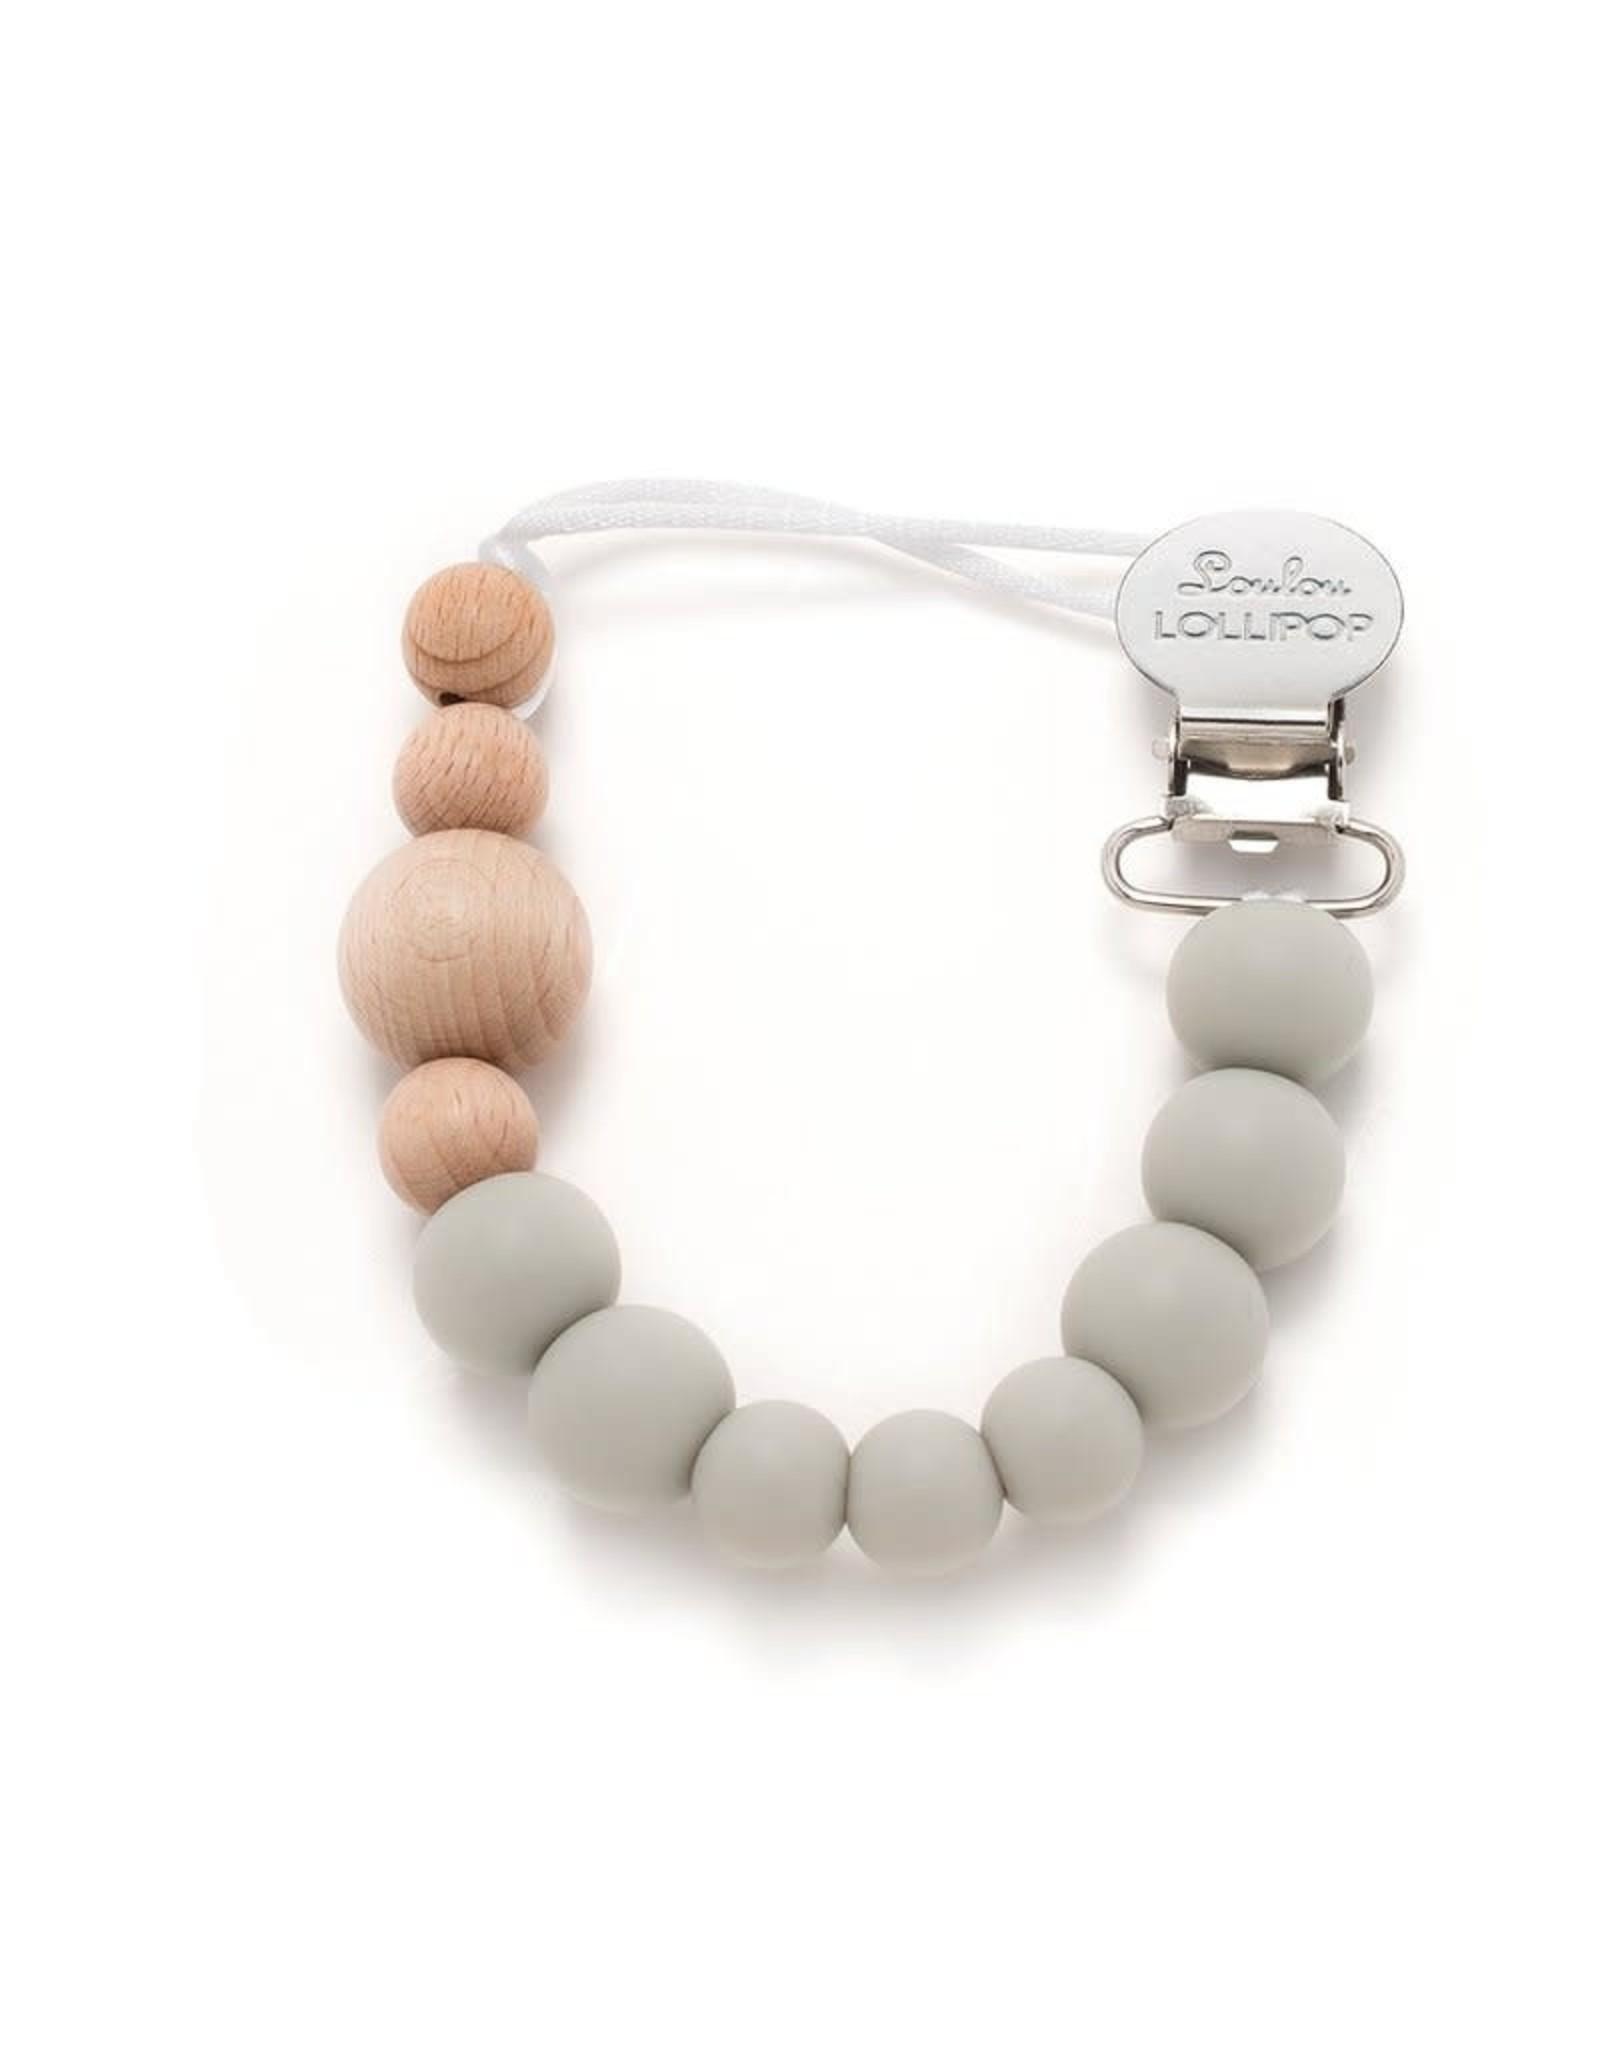 Loulou Lollipop Pacifier Clip - Gray